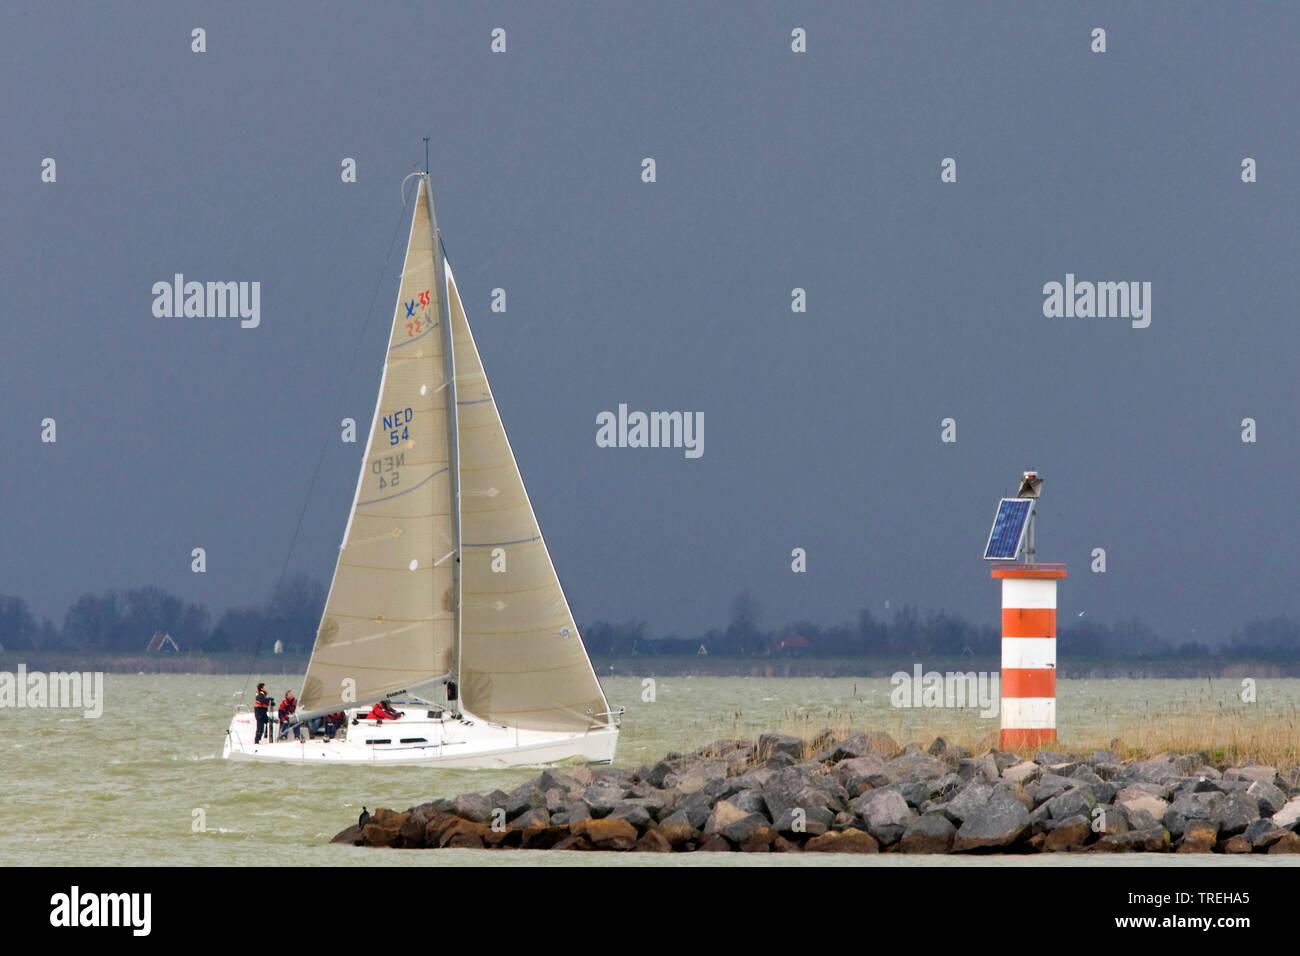 Segelboot auf dem IJsselmeer, Niederlande | Sailing ship on IJmeer, Netherlands | BLWS526708.jpg [ (c) blickwinkel/AGAMI/W. Leurs Tel. +49 (0)2302-279 - Stock Image